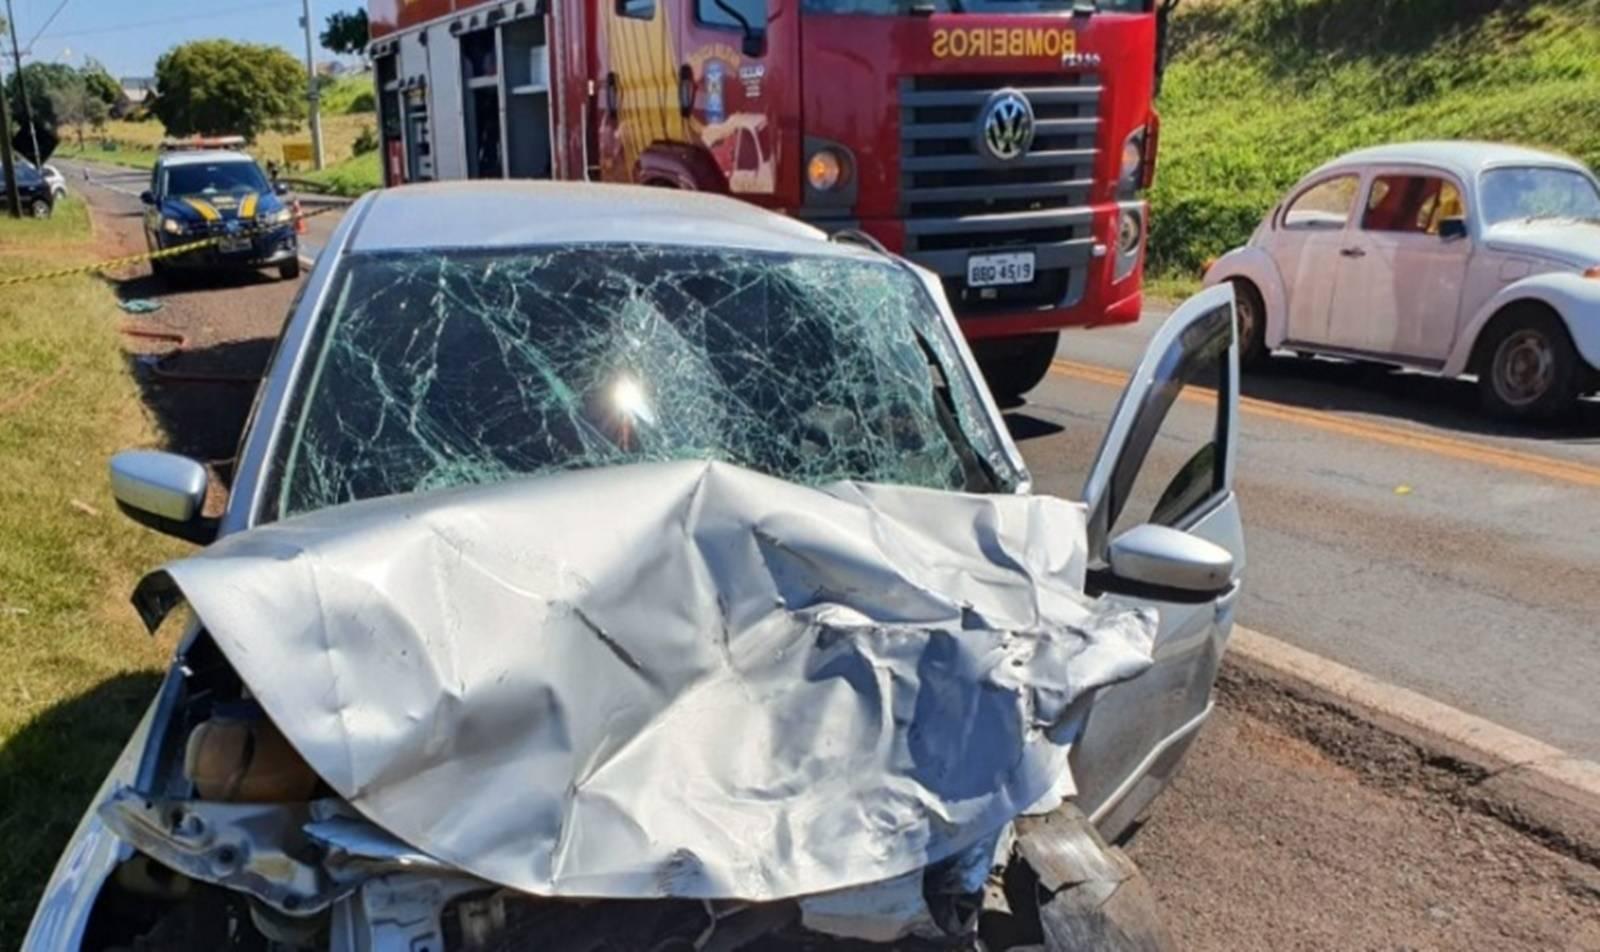 Justiça decreta prisão preventiva de motorista que matou pai e filha na BR-369 em Apucarana-PR